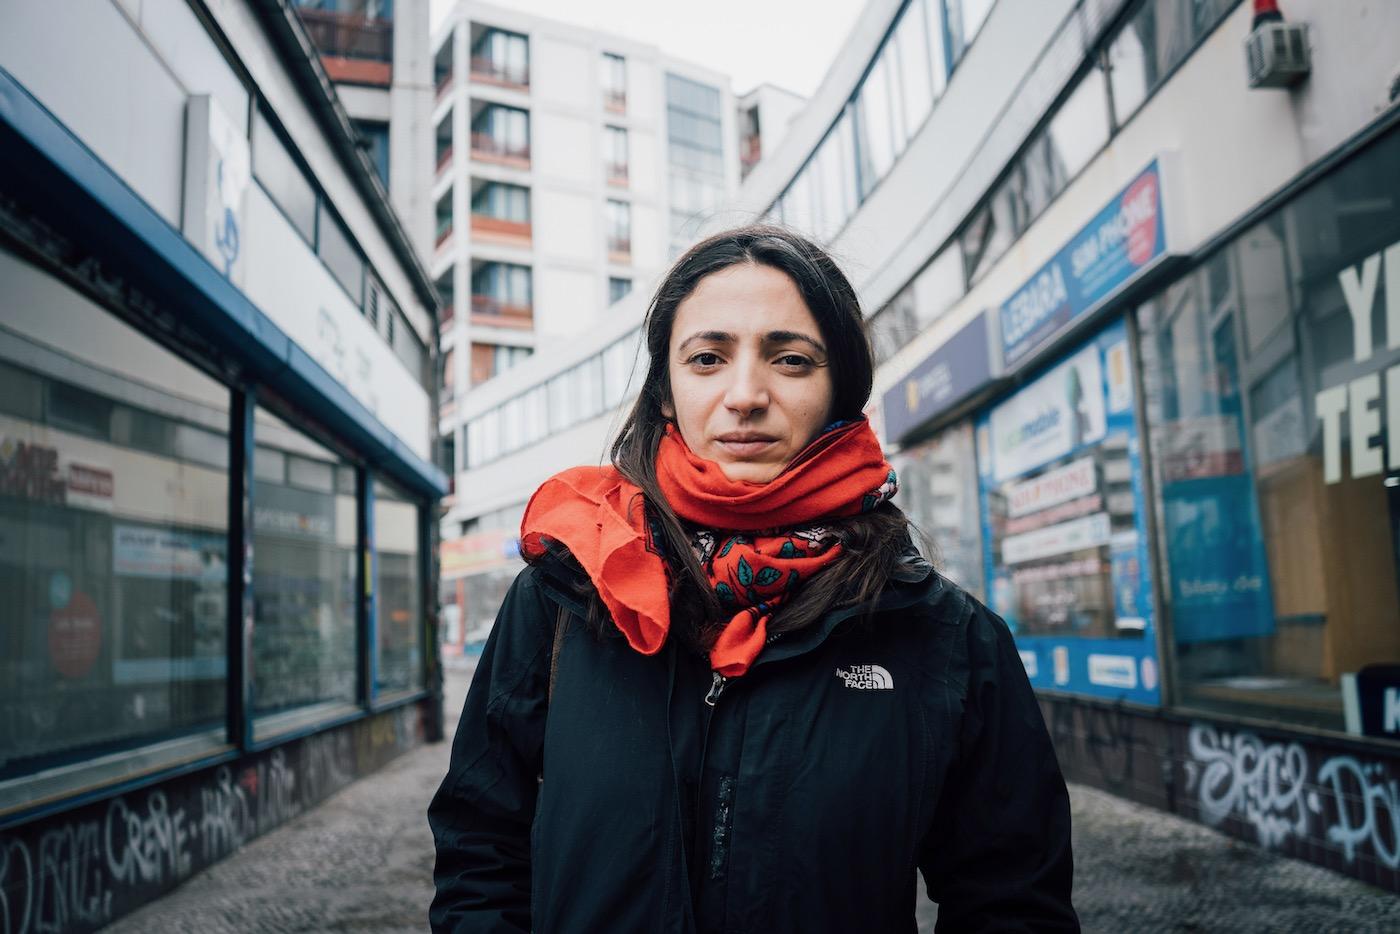 Fatma Kar hilft mit einem Netzwerk ostdeutschen Initiativen finanziell.